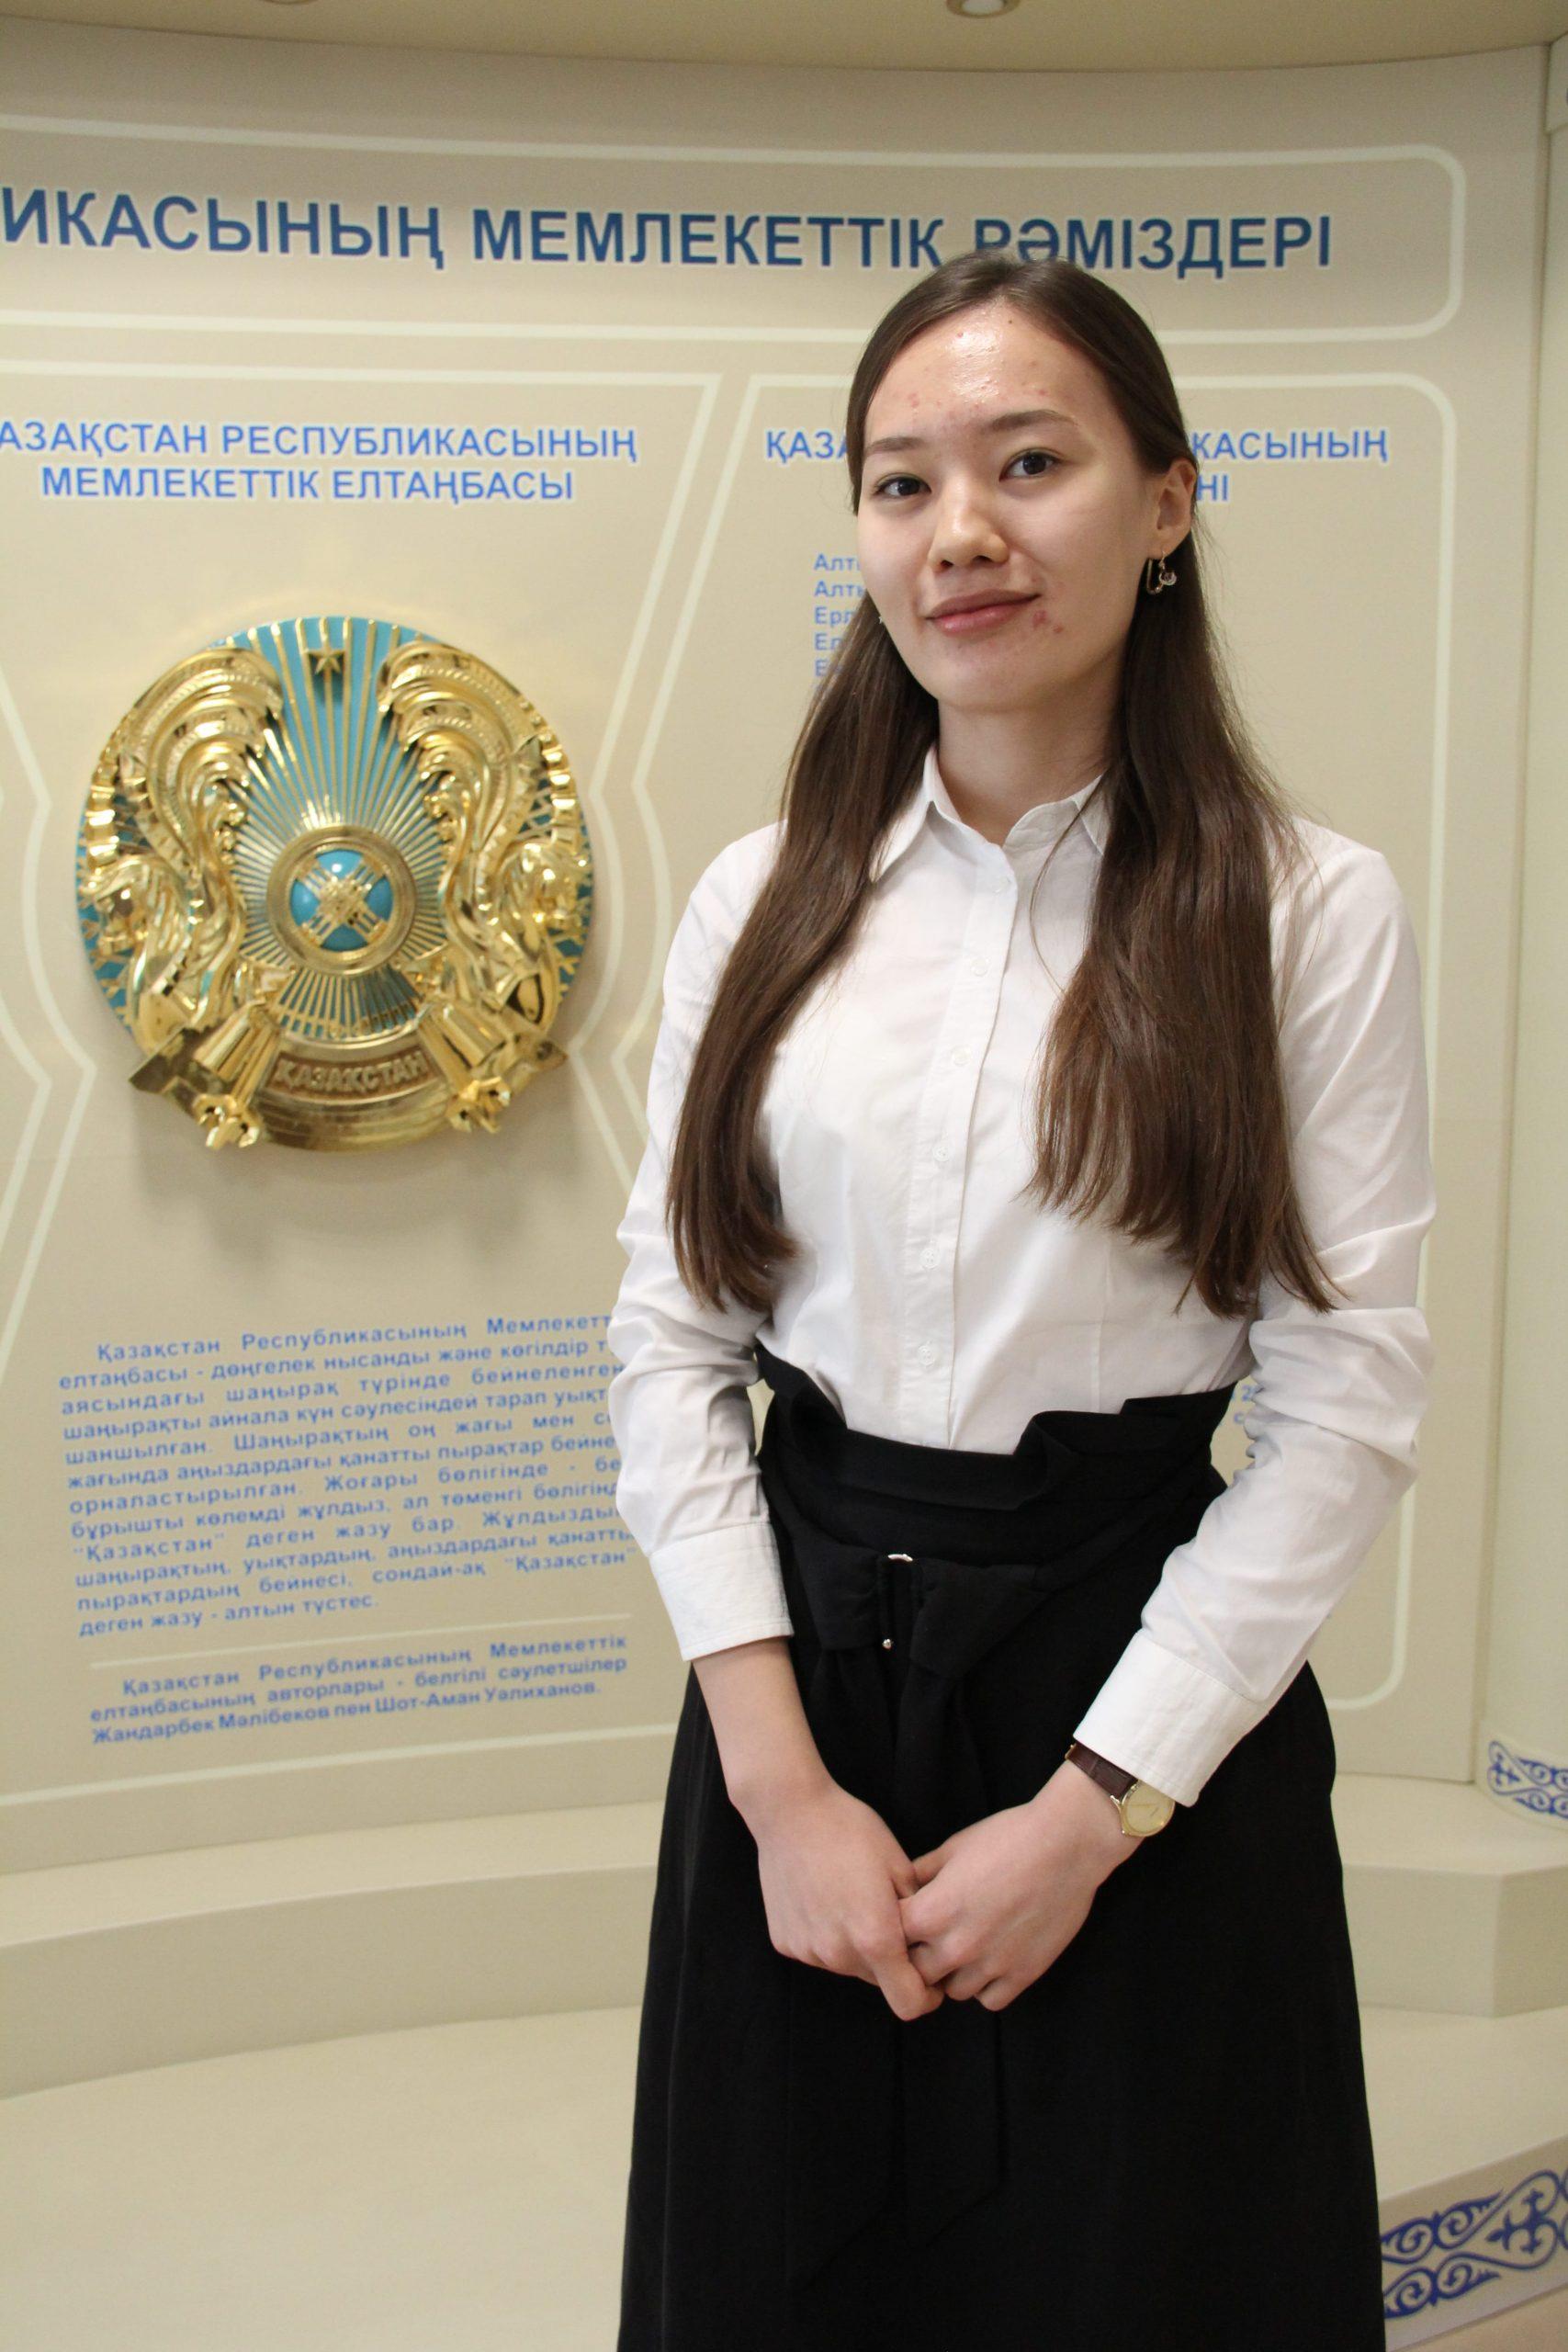 Еркинбекова Акмарал